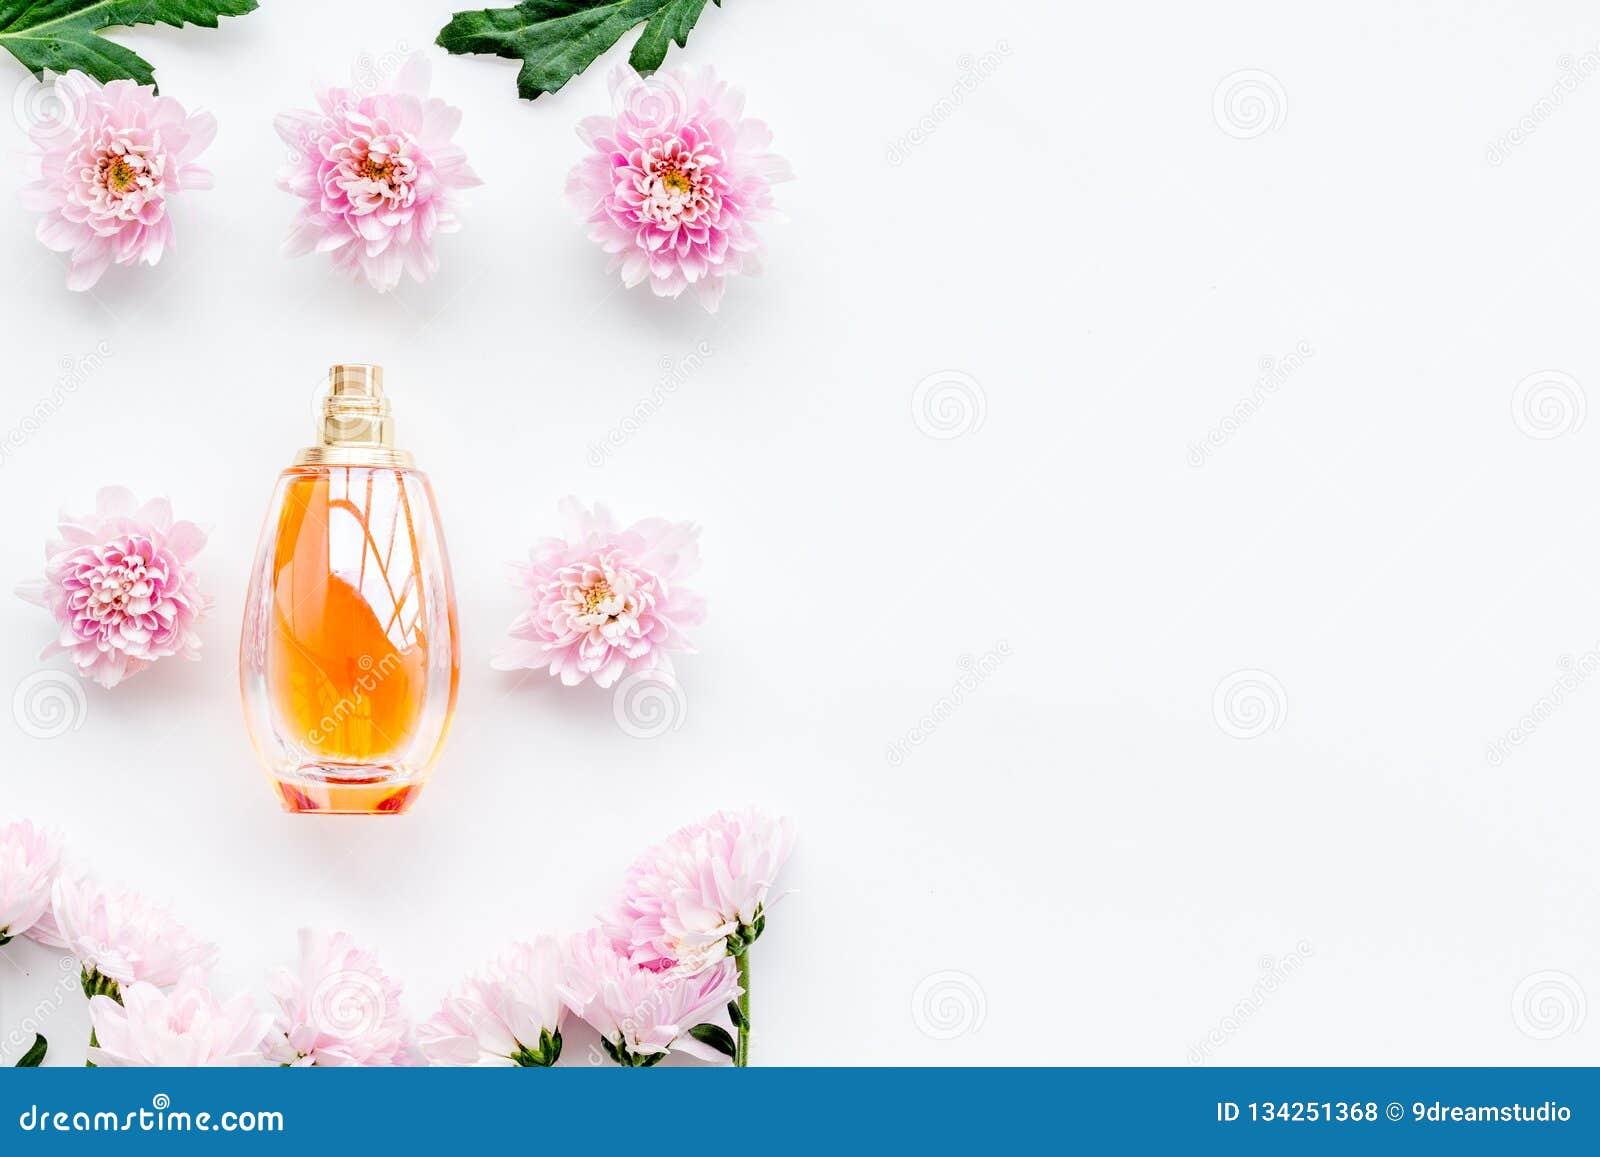 Parfum Floral Pour Des Femmes Bouteille De Parfum Près Des Fleurs